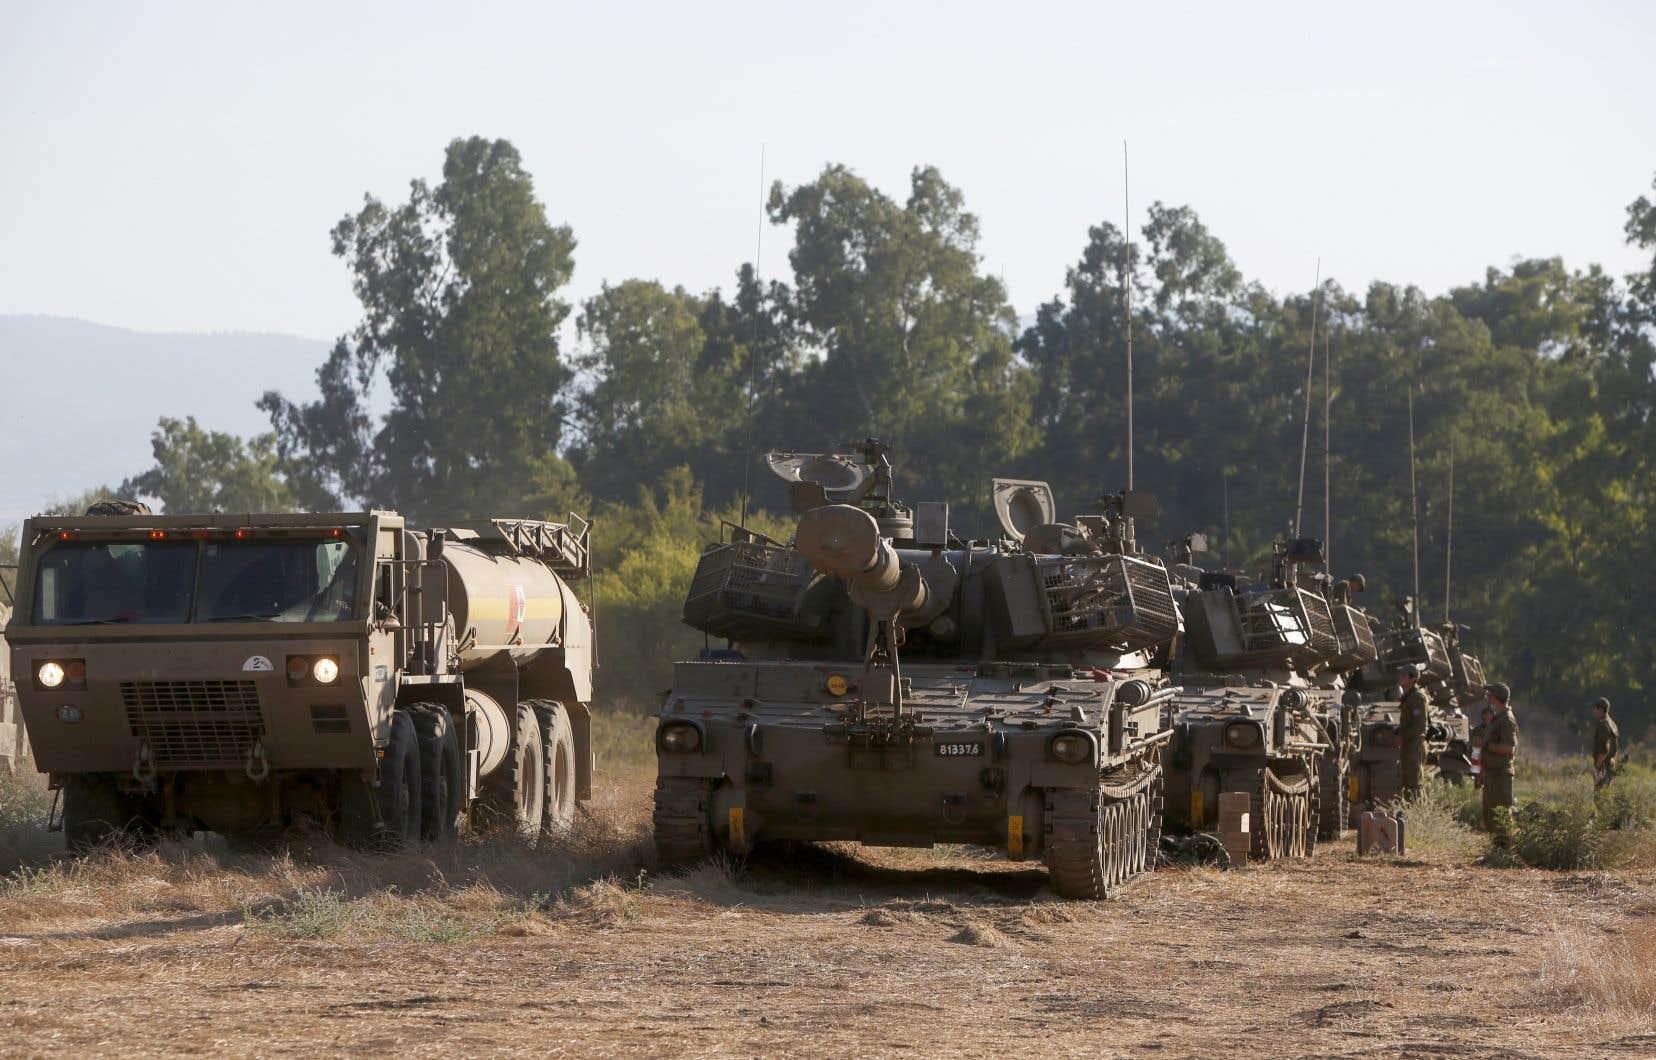 Dans l'optique d'une riposte du Hezbollah, l'armée israélienne est en état d'alerte accru le long de la frontière.